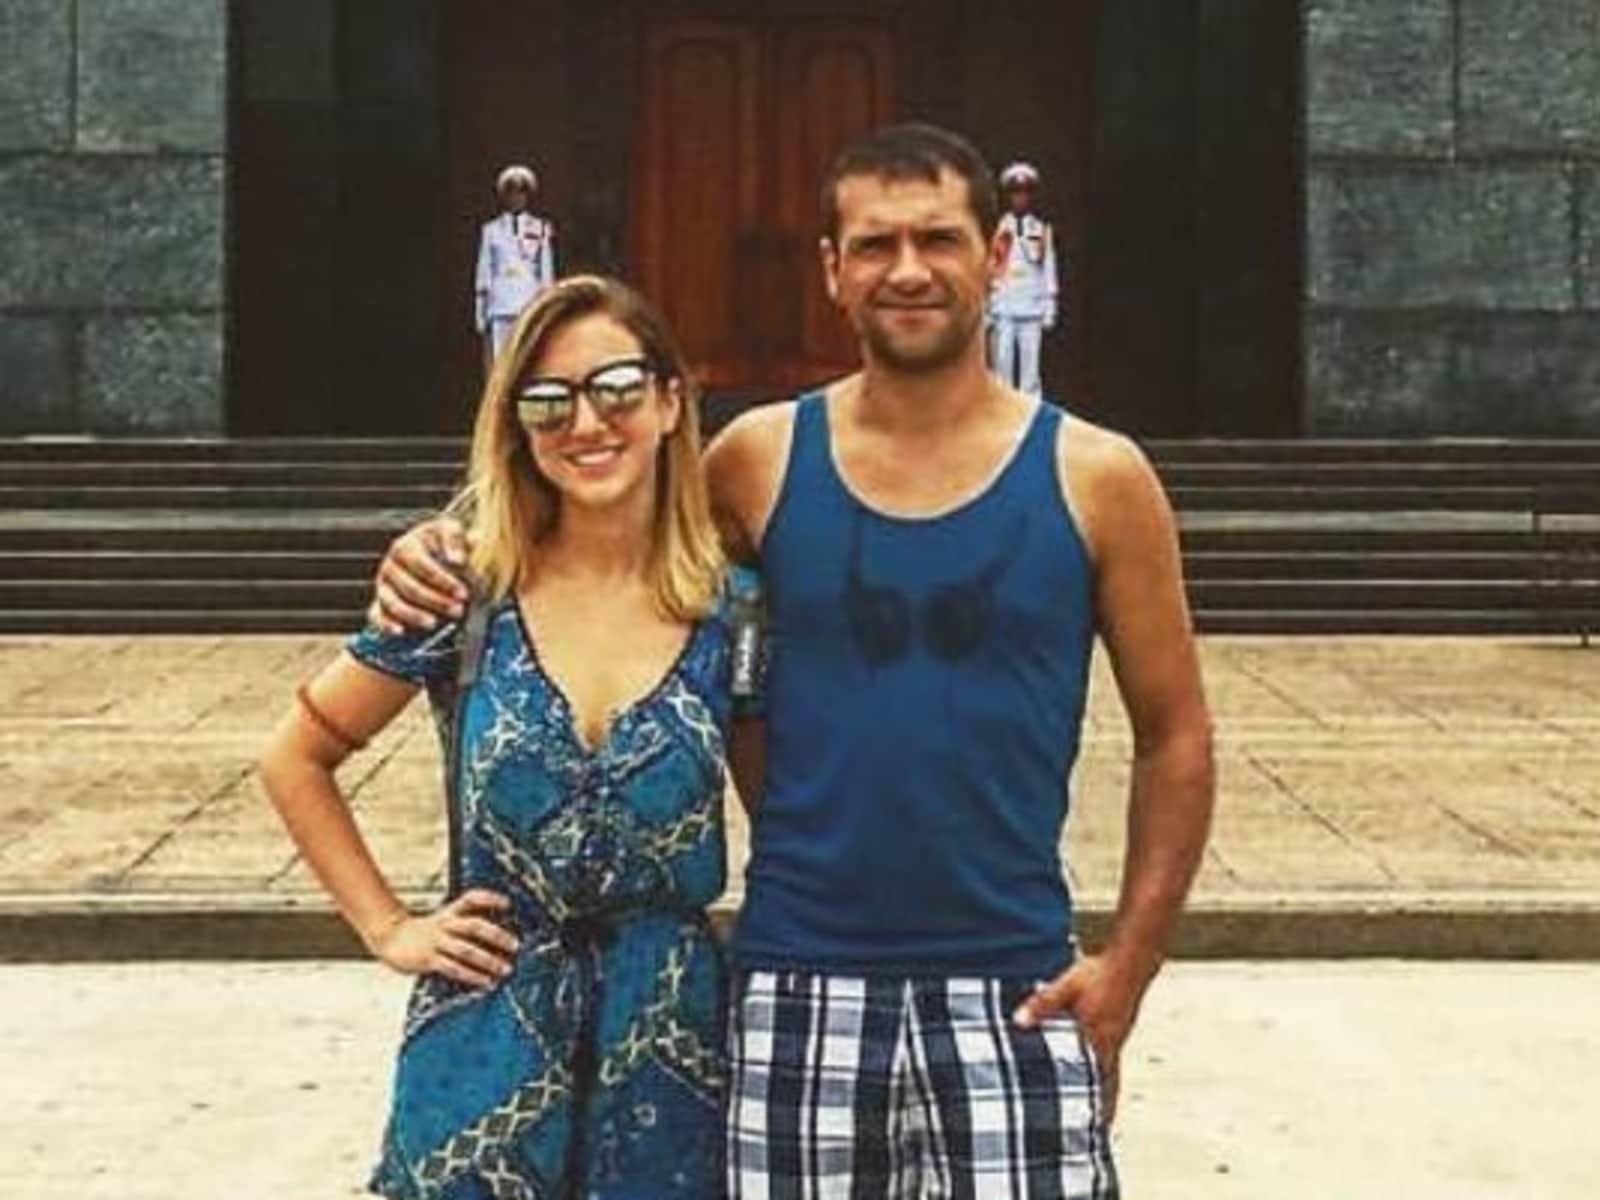 Janire & Jacobo from Bangkok, Thailand